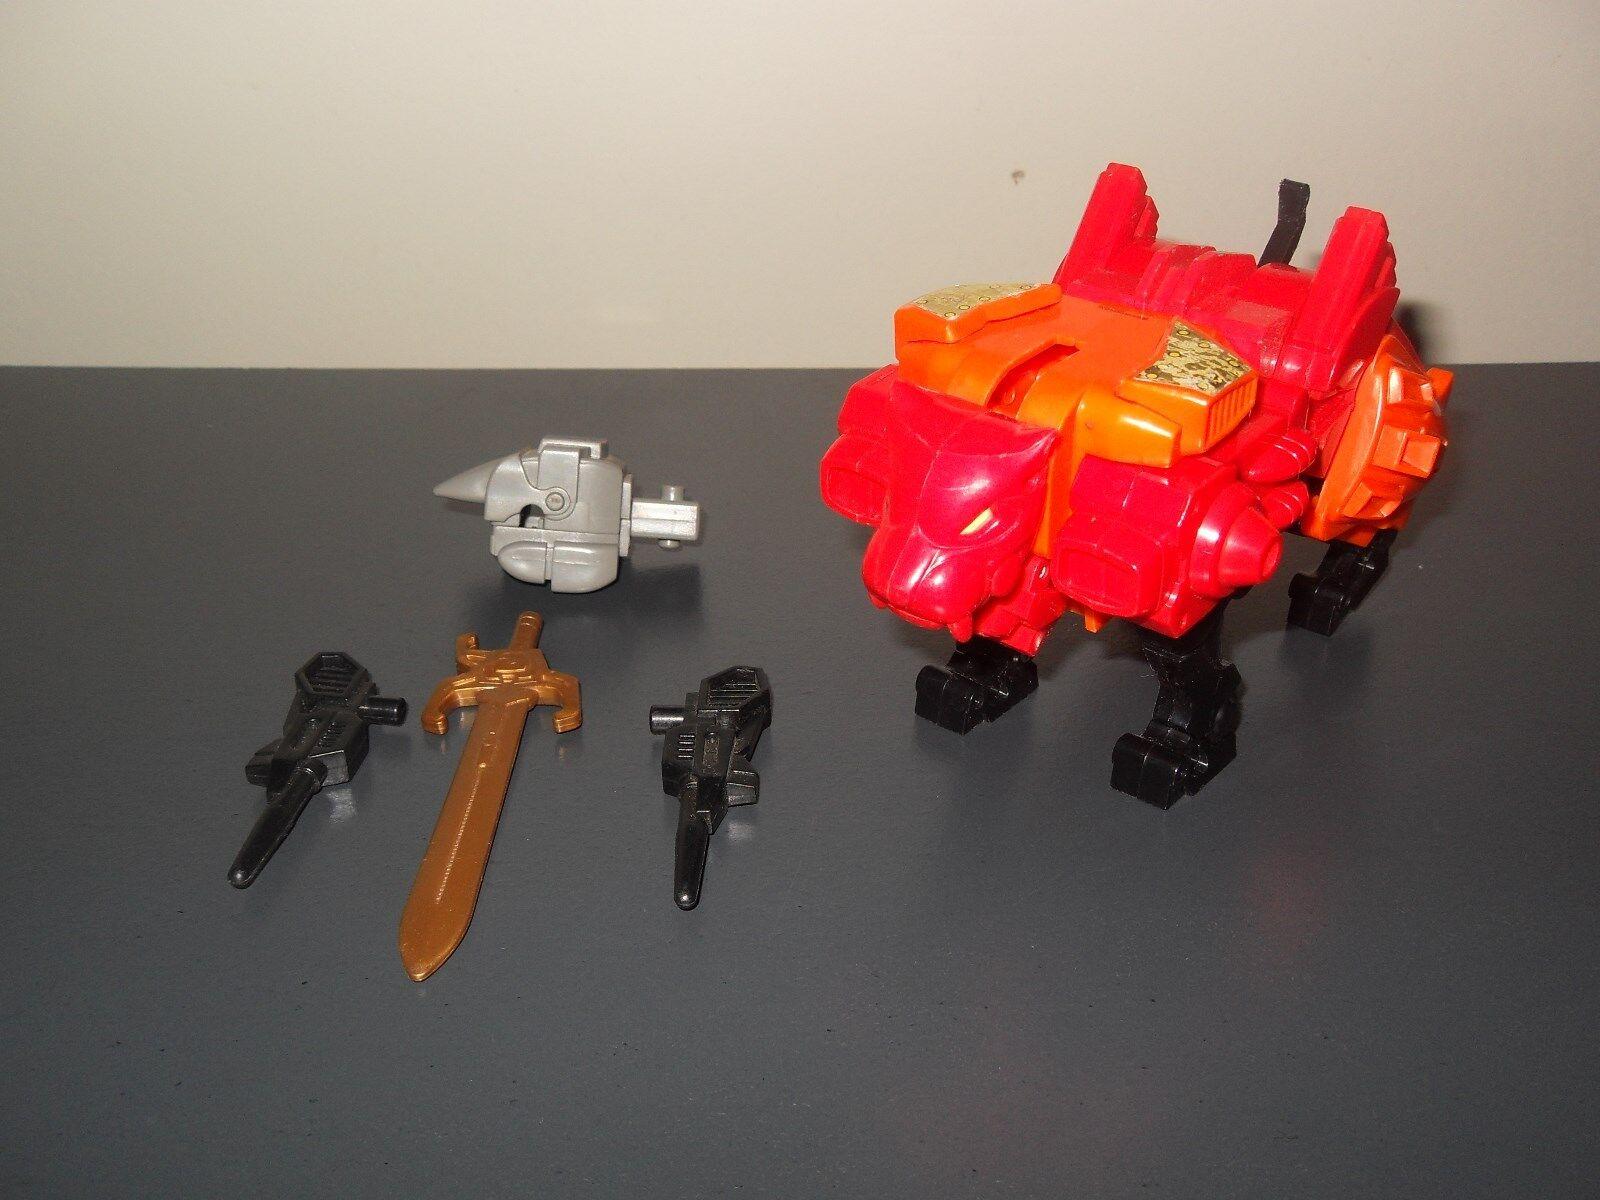 G1 transformers original protaking protacons amoklauf eine 100% ige vollständige metal - version